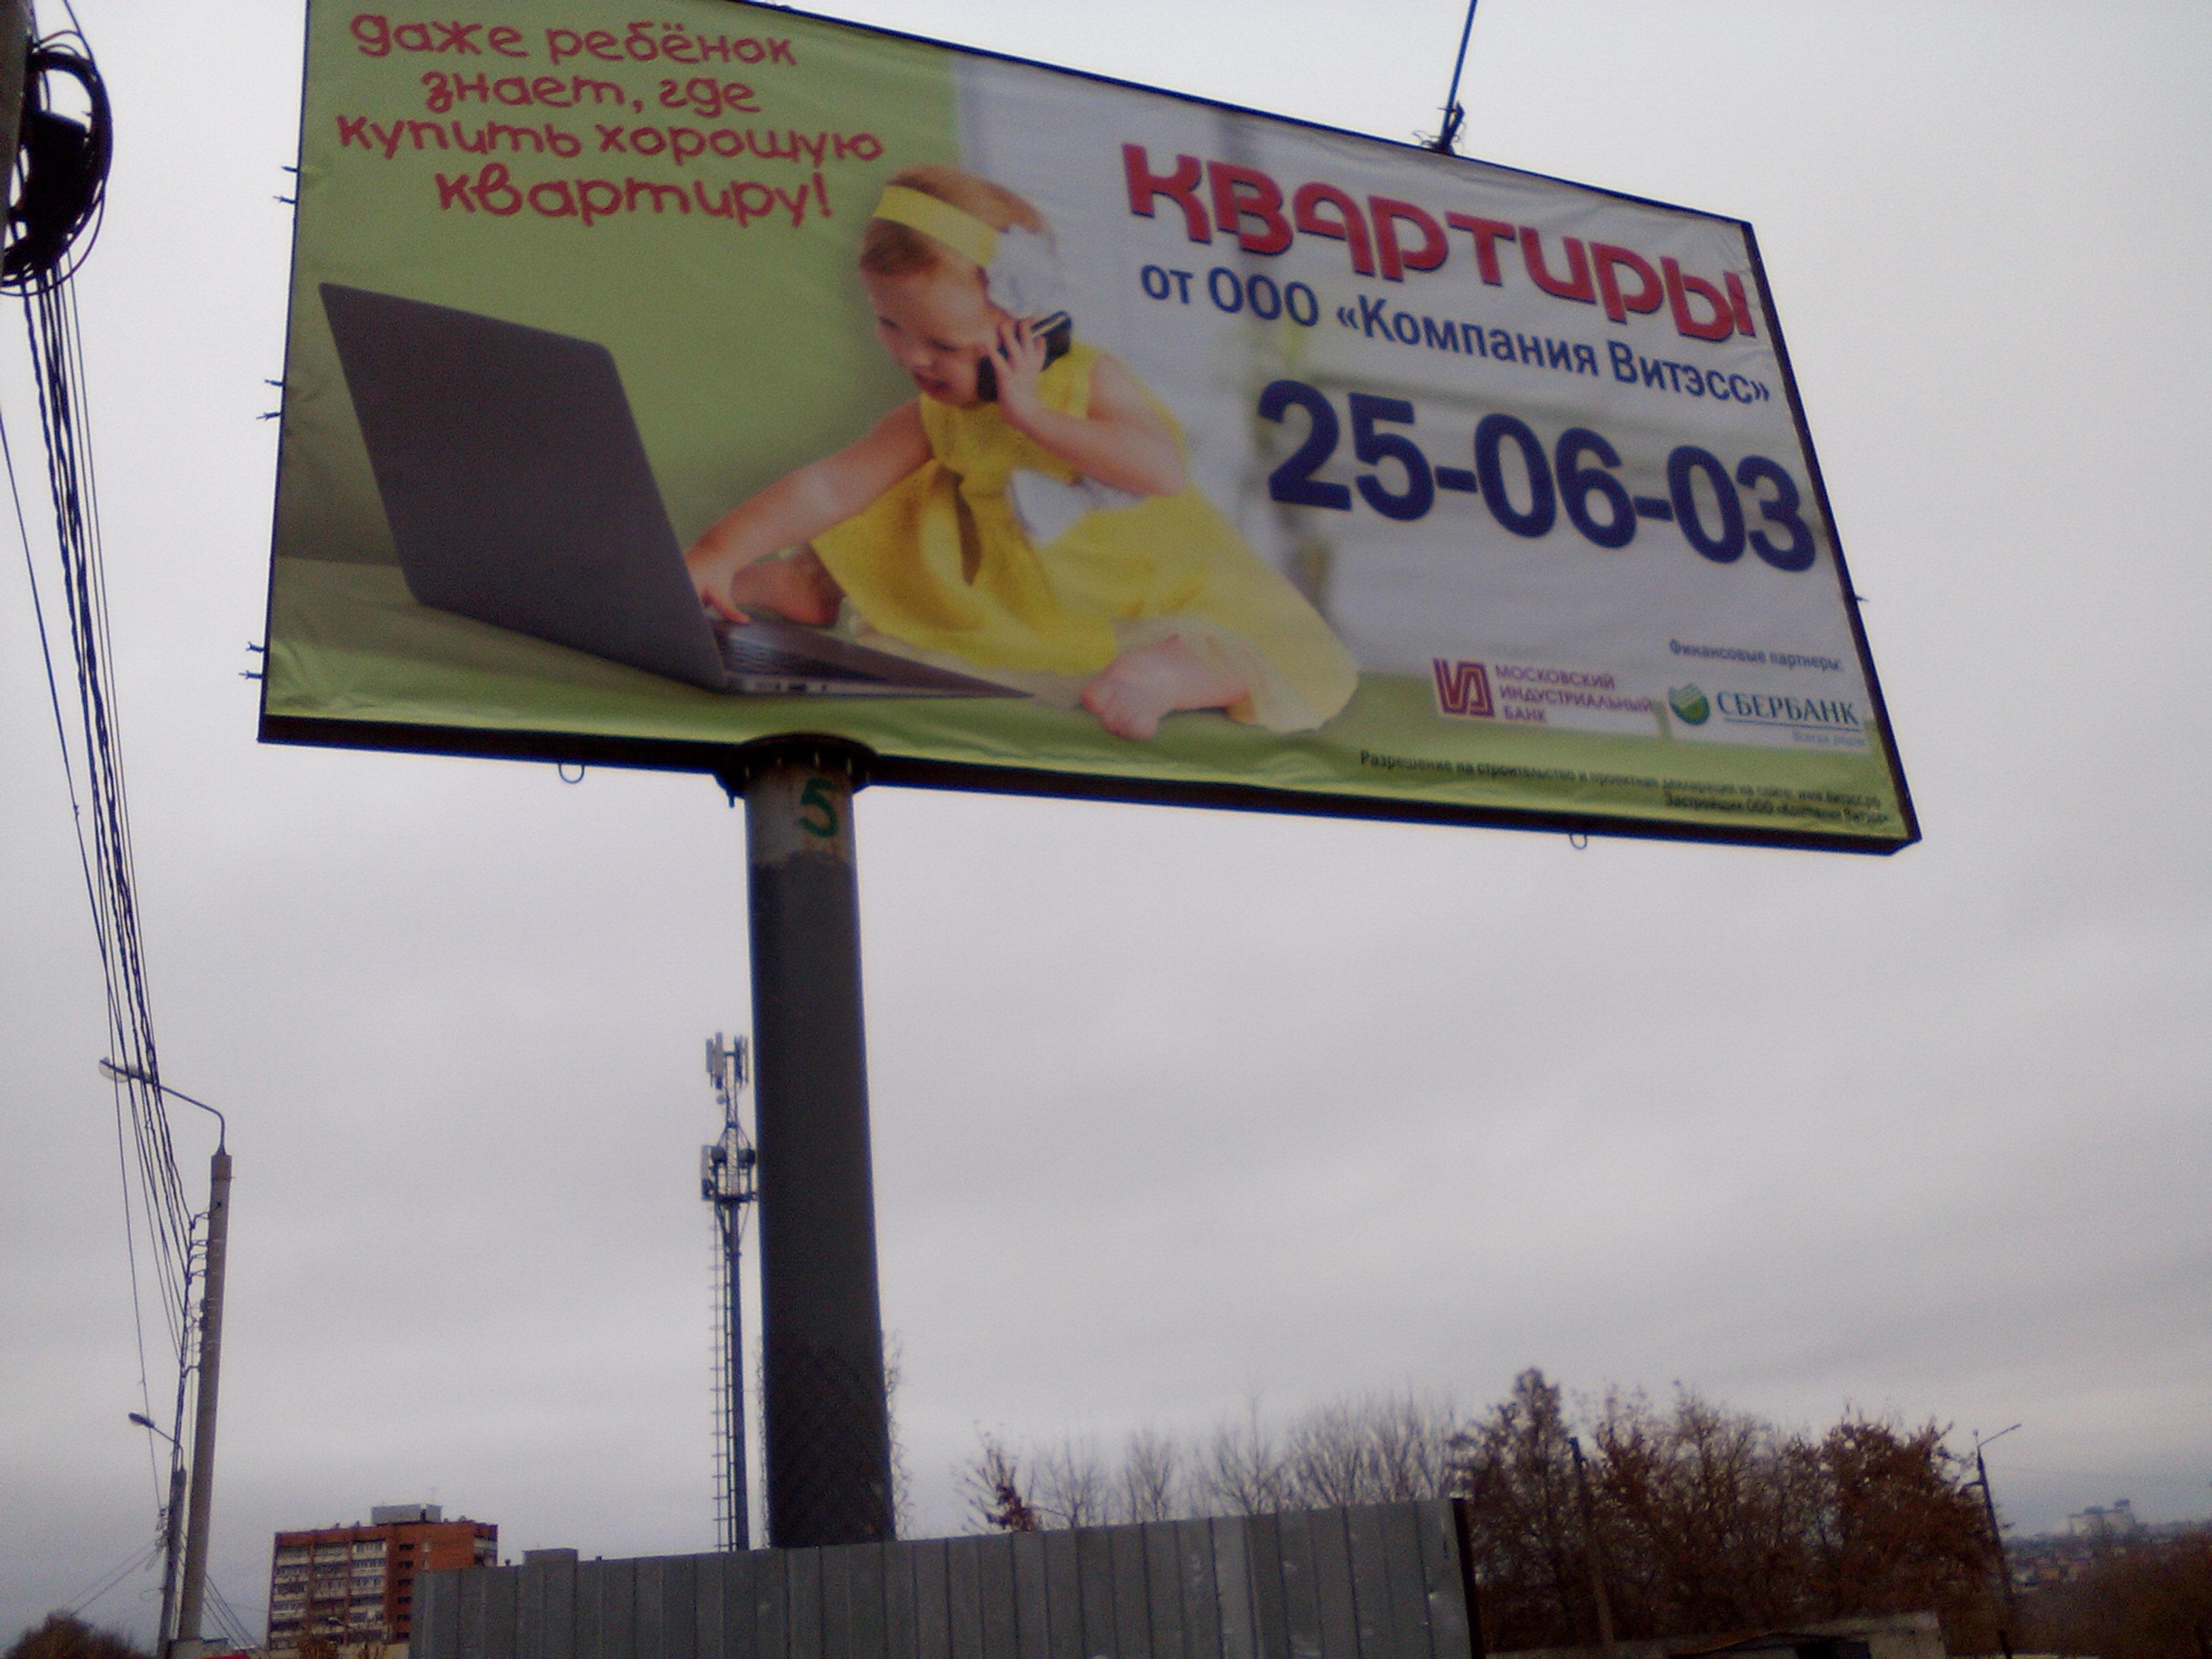 ЖК Солнечный по улице Макаренко и улице Седова г. Тула. ООО Компания Витэсс.